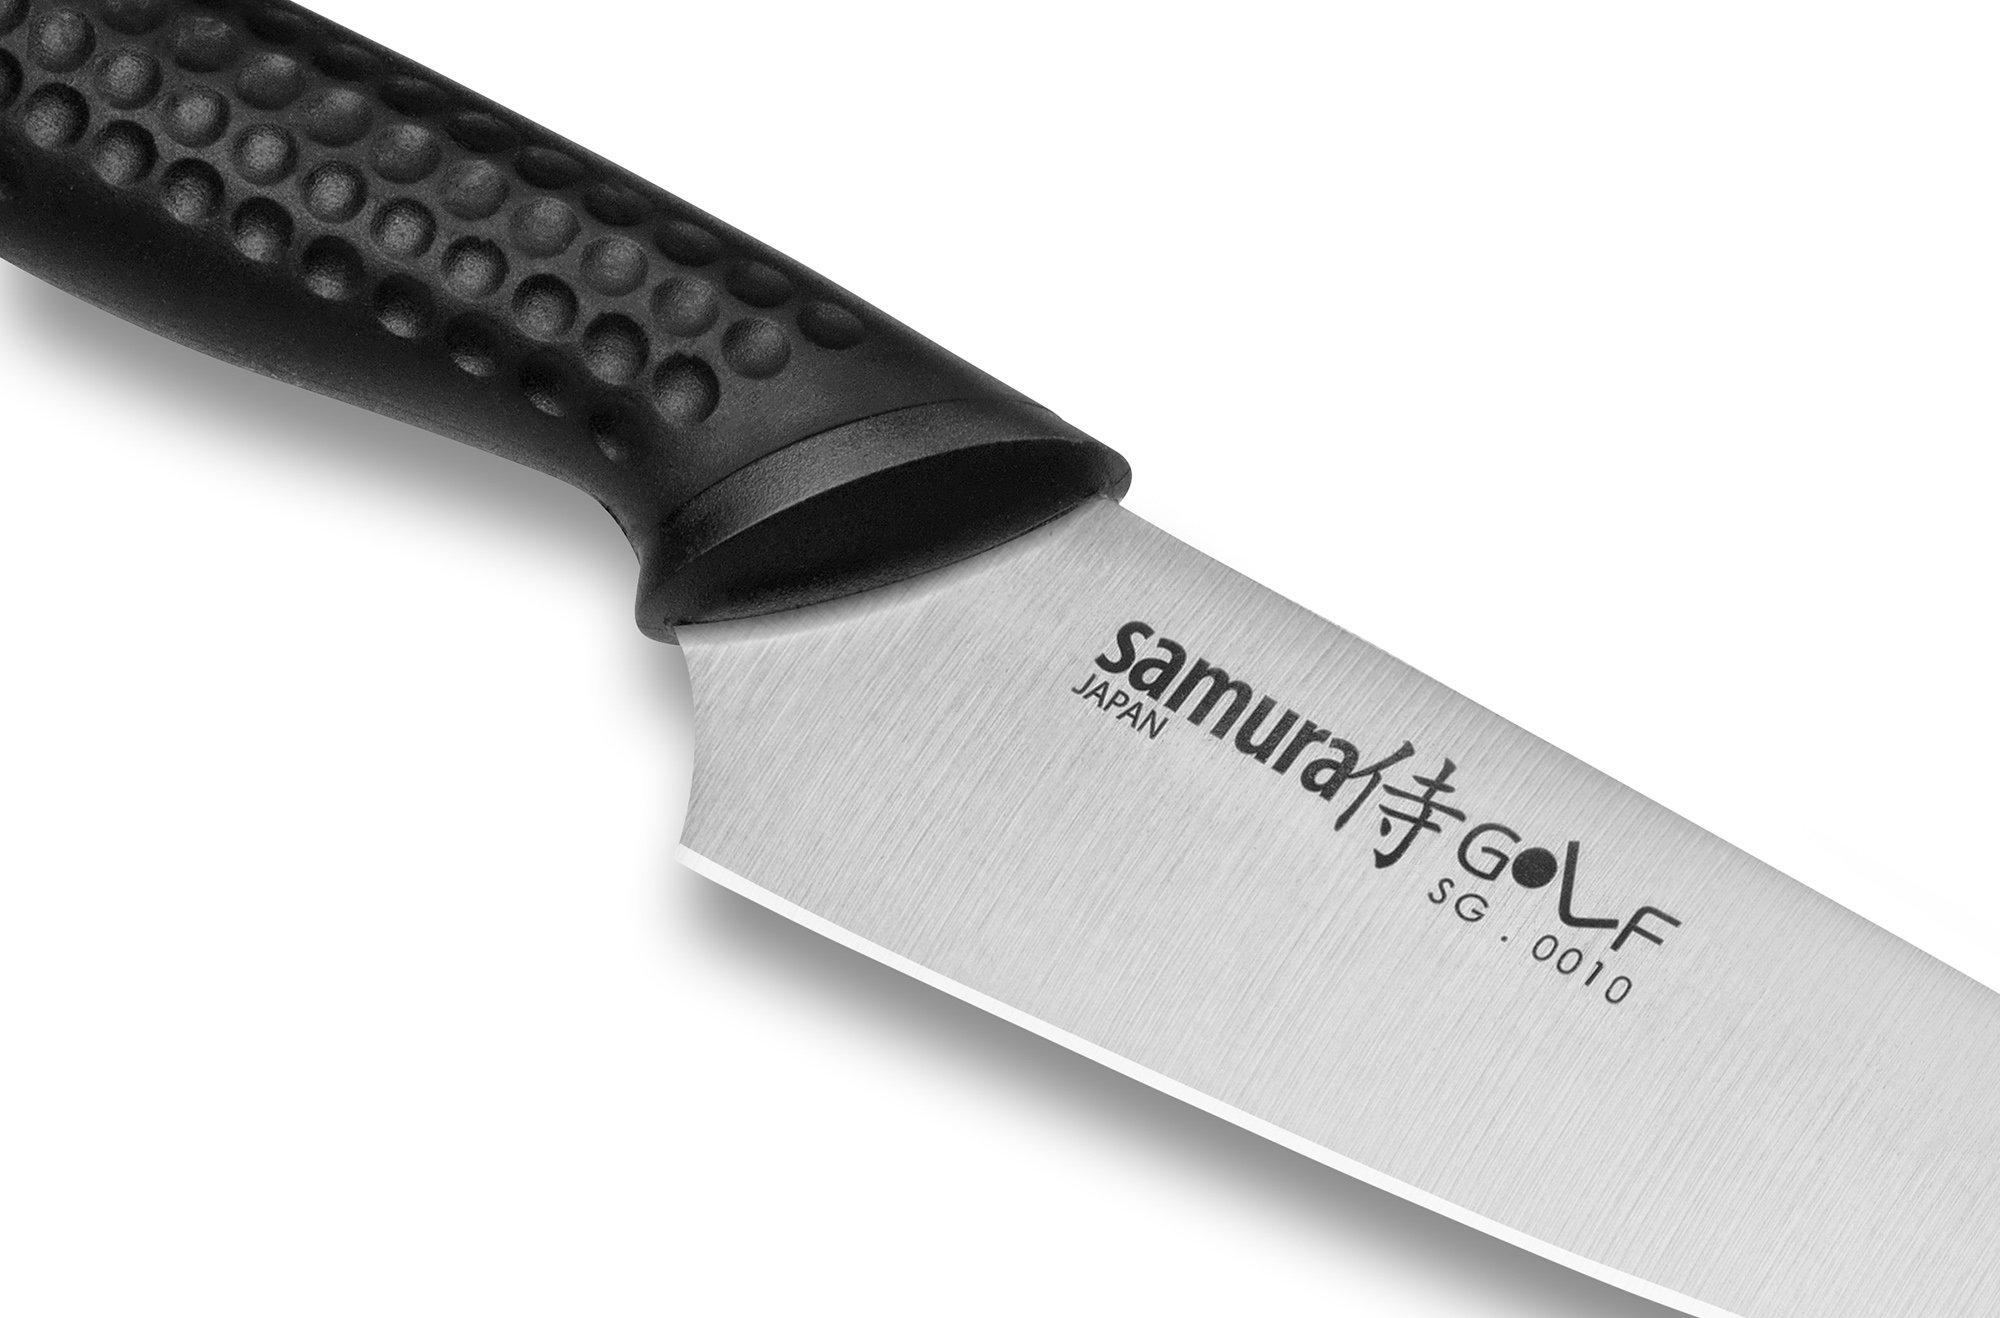 Фото 10 - Нож кухонный овощной Samura GOLF - SG-0010, сталь AUS-8, рукоять полипропилен, 98 мм